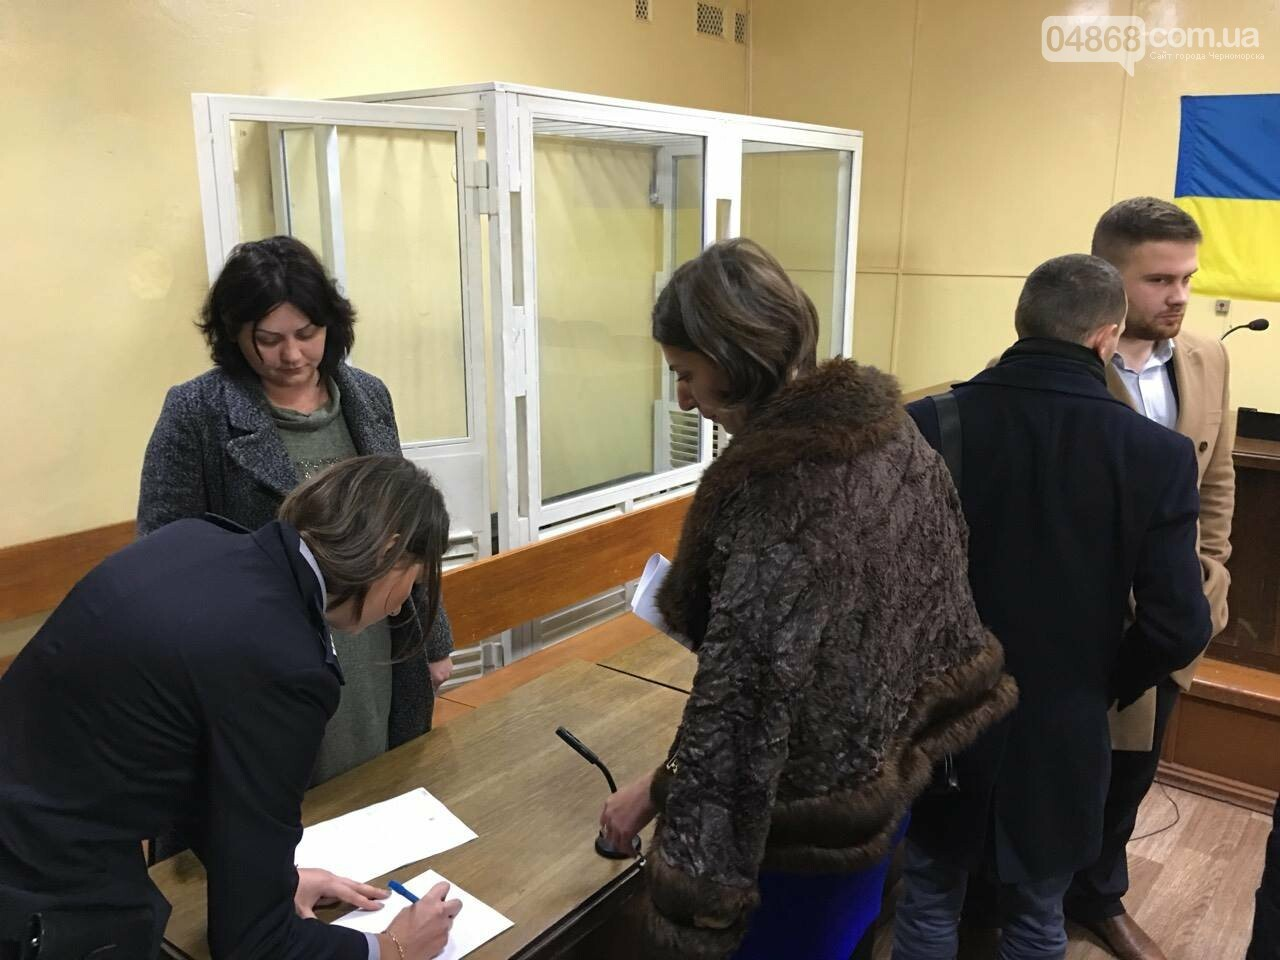 Суд вынес решение об аресте директора СК «ДИАМАНТ», фото-1